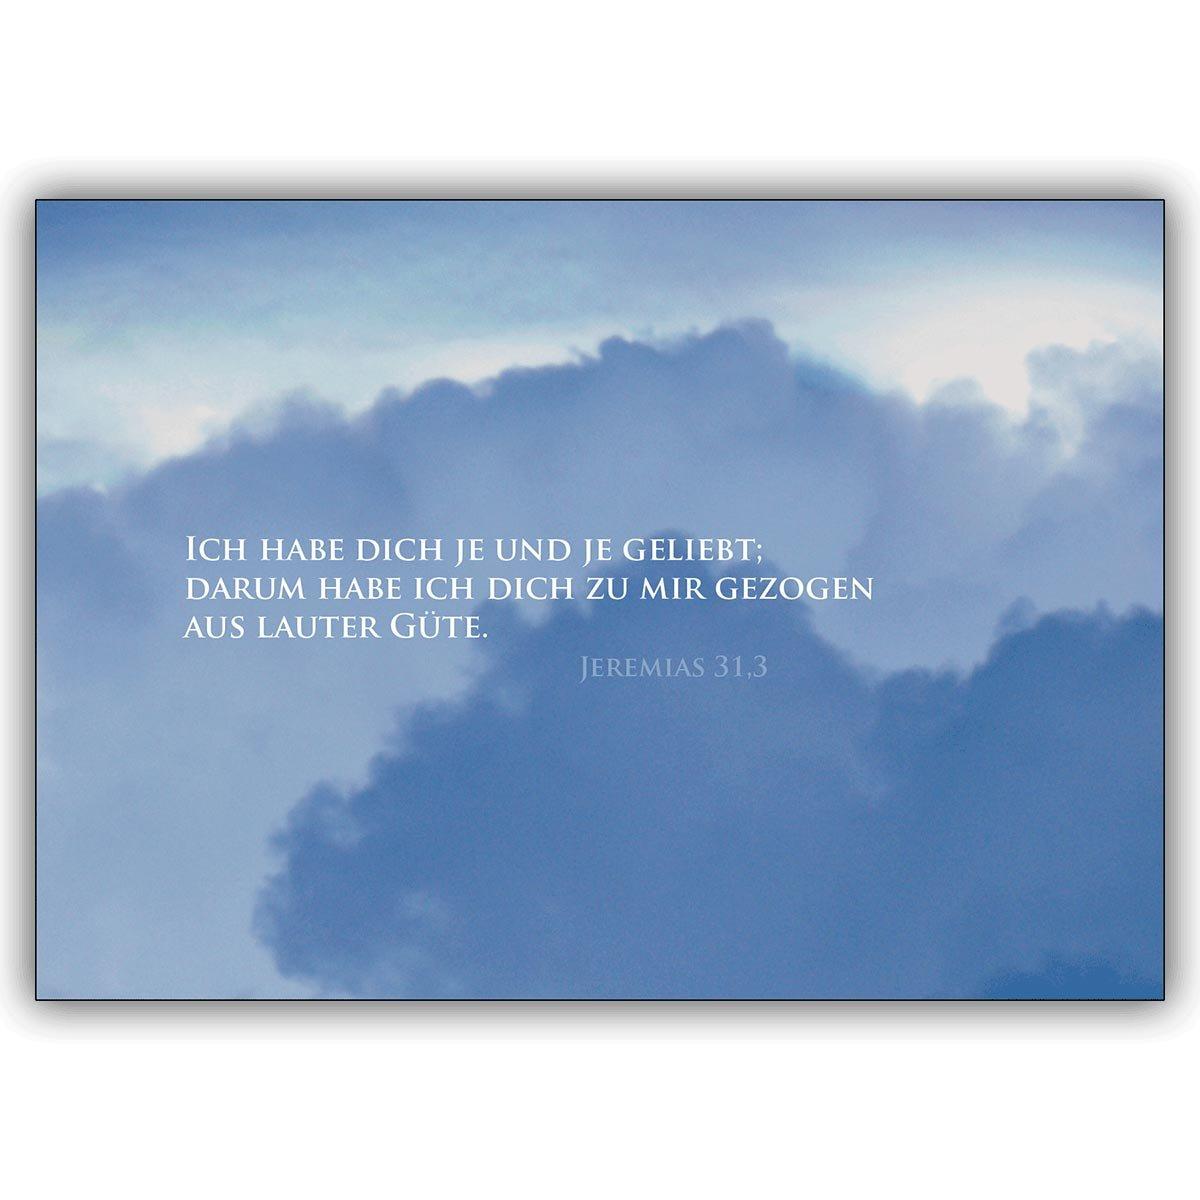 Direkte Direkte Direkte Fertigung 12 Traueranzeigen  Wolken innen ihr Text. Motiv   Ich habe dich je und je geliebt...  den traditionell gestalteten Text drucken wir innen - nur Schrift auswählen zzgl 12 Papier Einleger weiß B00W7V8C0A | Vogue  81e464